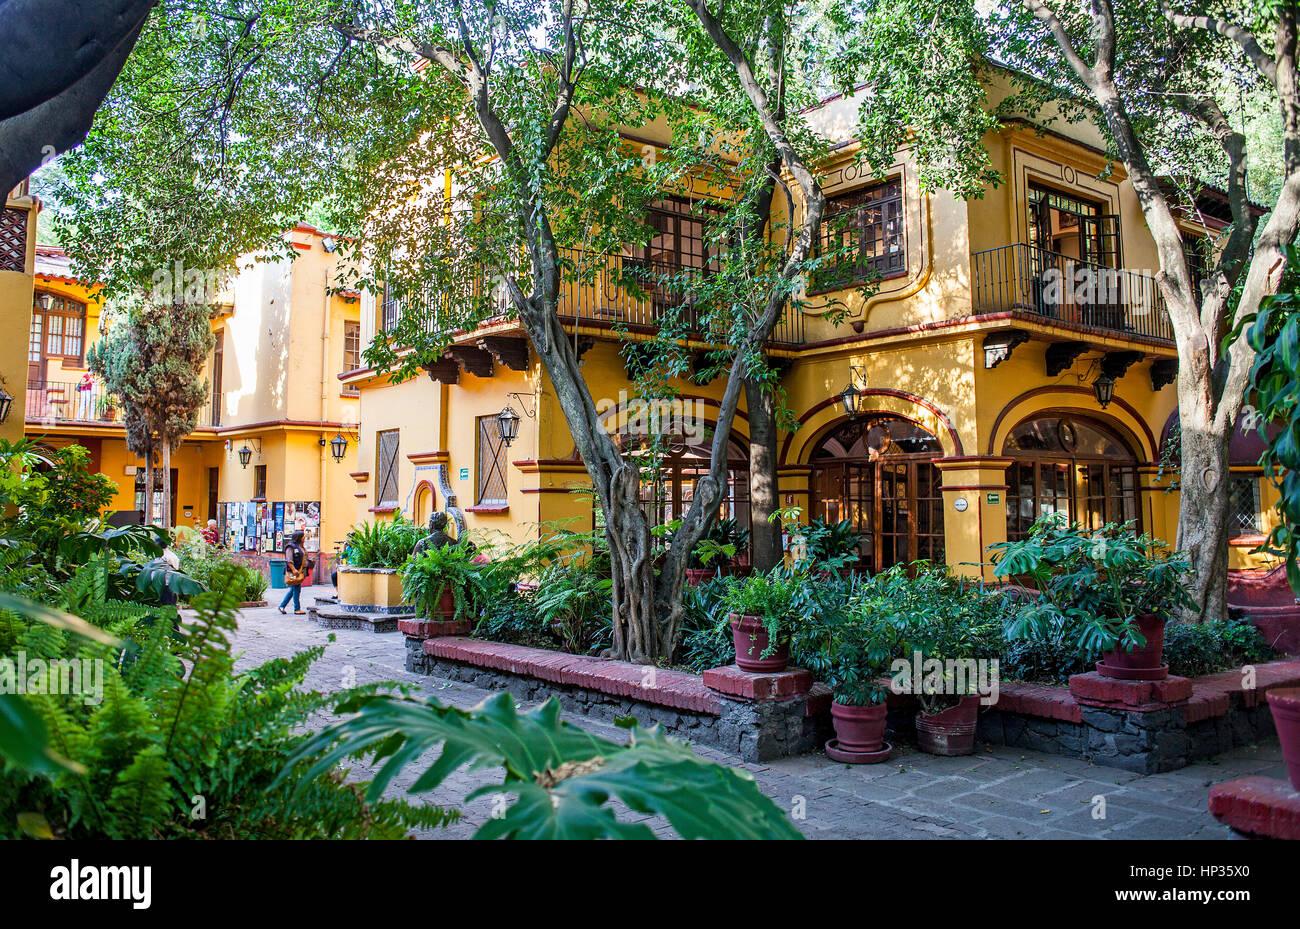 La Casa de Cultura Gesù Reyes Heroles, Avenida Francisco Sosa, Coyoacan, Città del Messico, Messico Immagini Stock